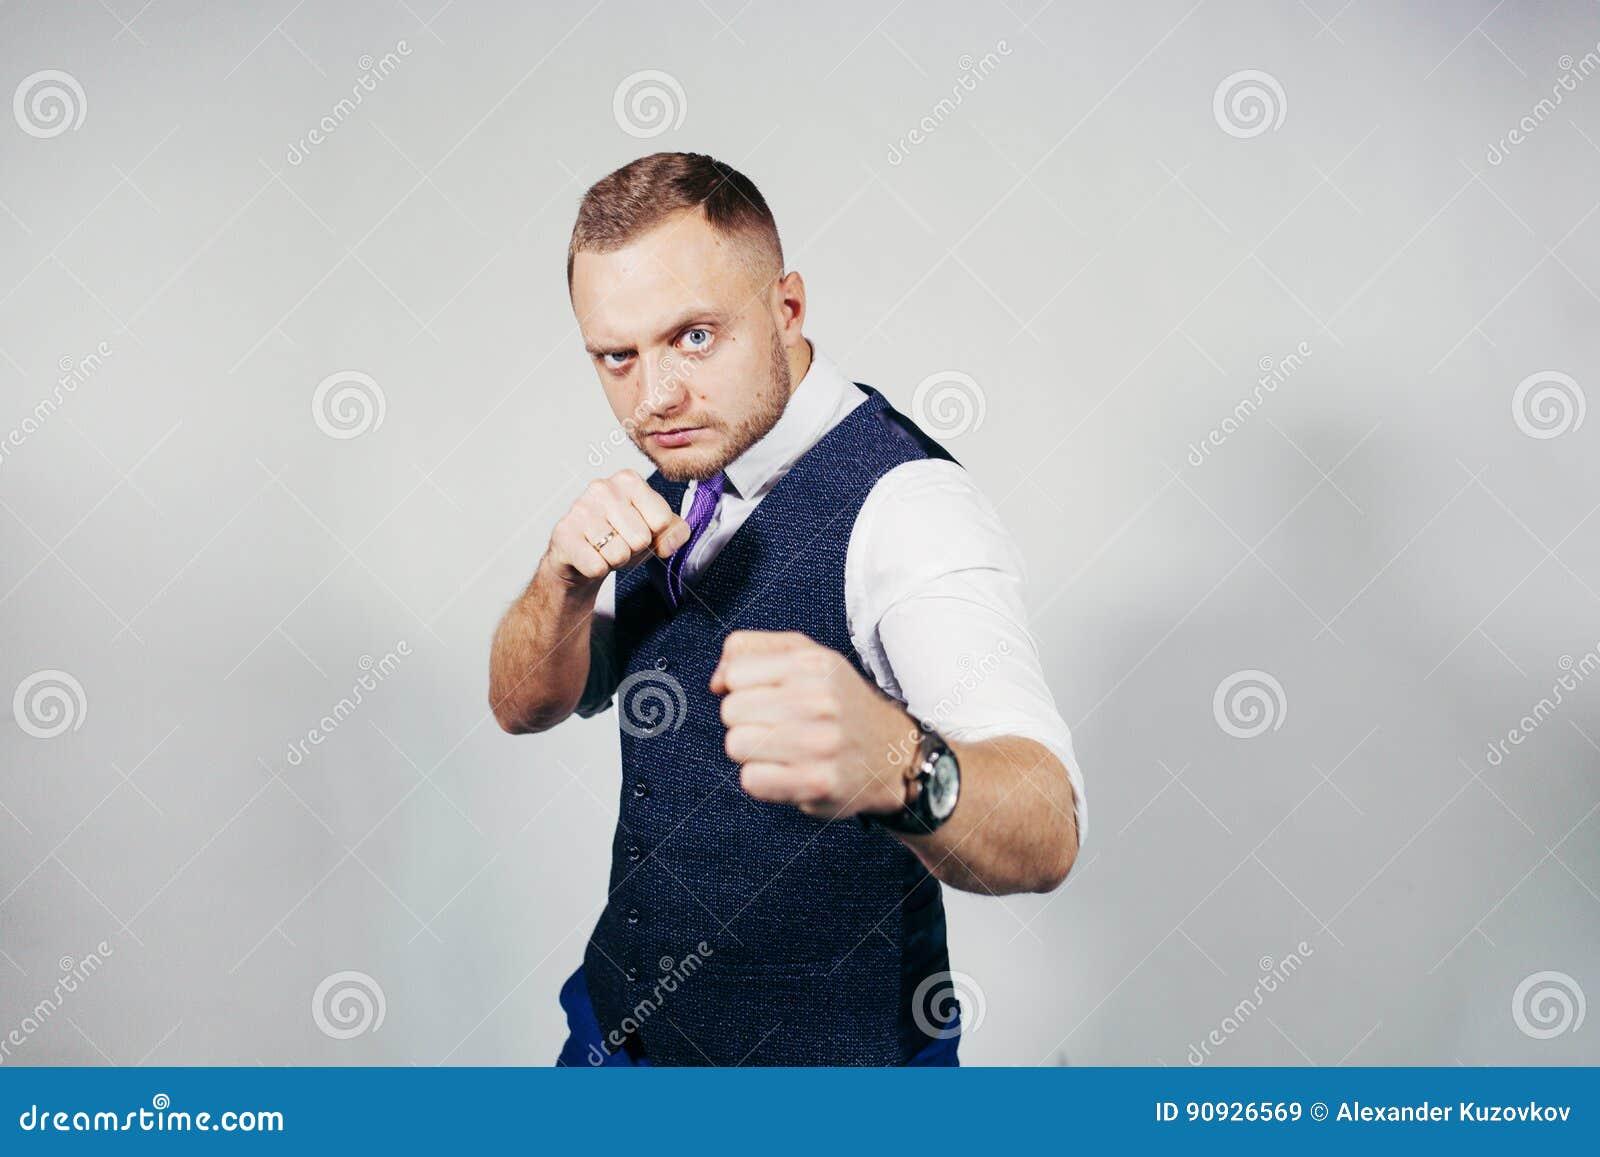 Überzeugter Geschäftsmann bereit zum Kampf über grauem Hintergrund Betrachten der Kamera